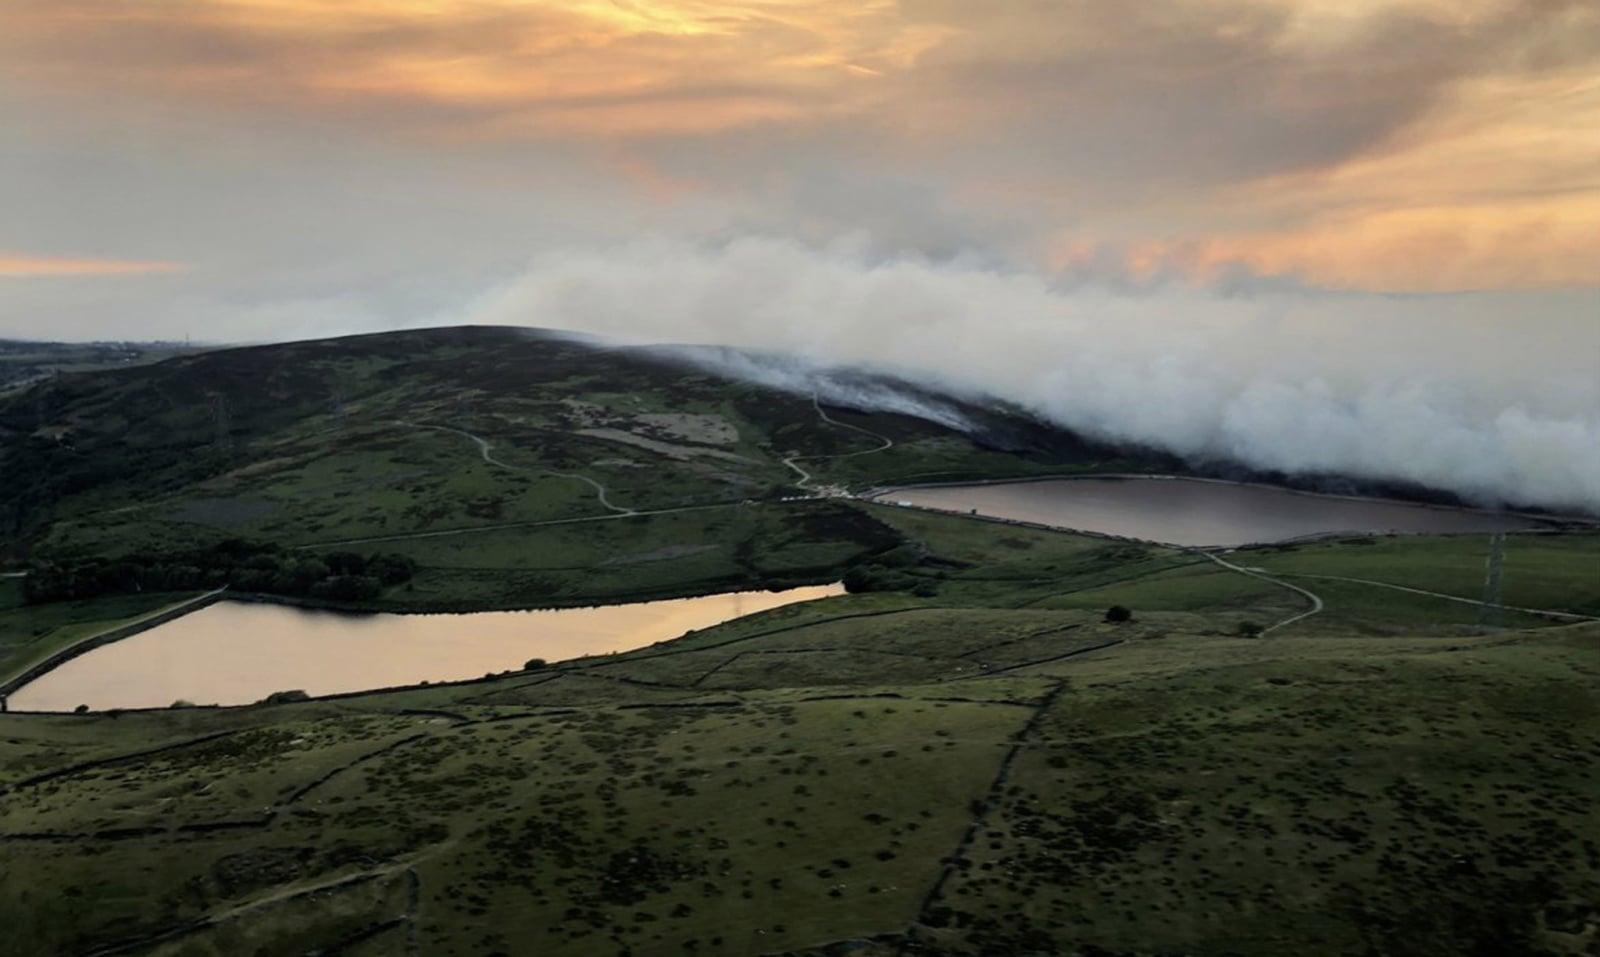 Pożar wrzosowisk w Anglii EPA/NPAS